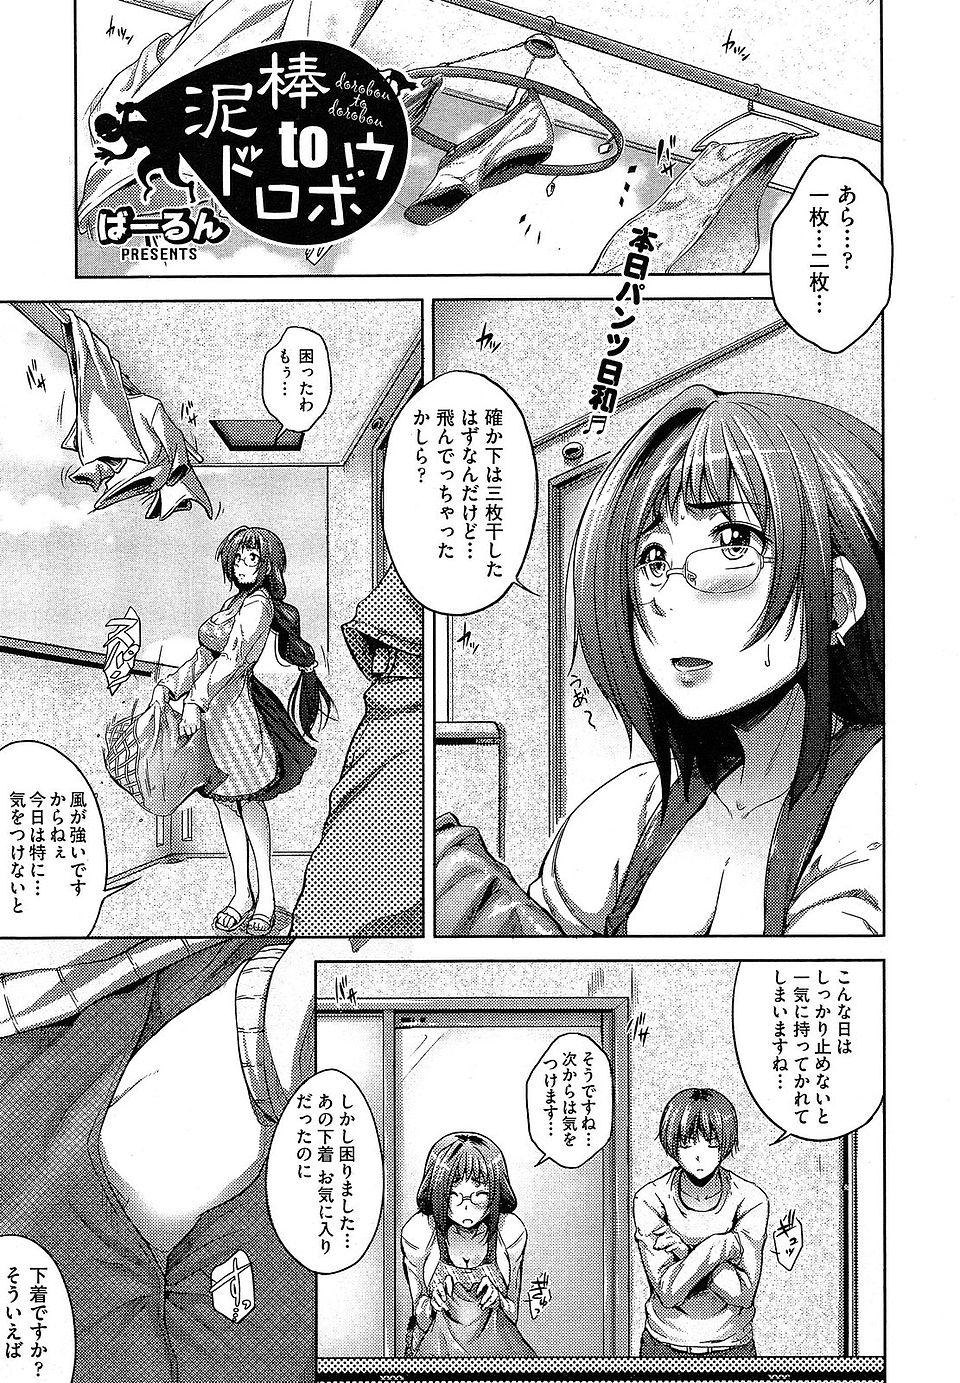 【エロ漫画】メガネ巨乳お姉さんが、下着ドロボー?さんを美味しく犯しちゃいます!【ばーるん エロ同人】